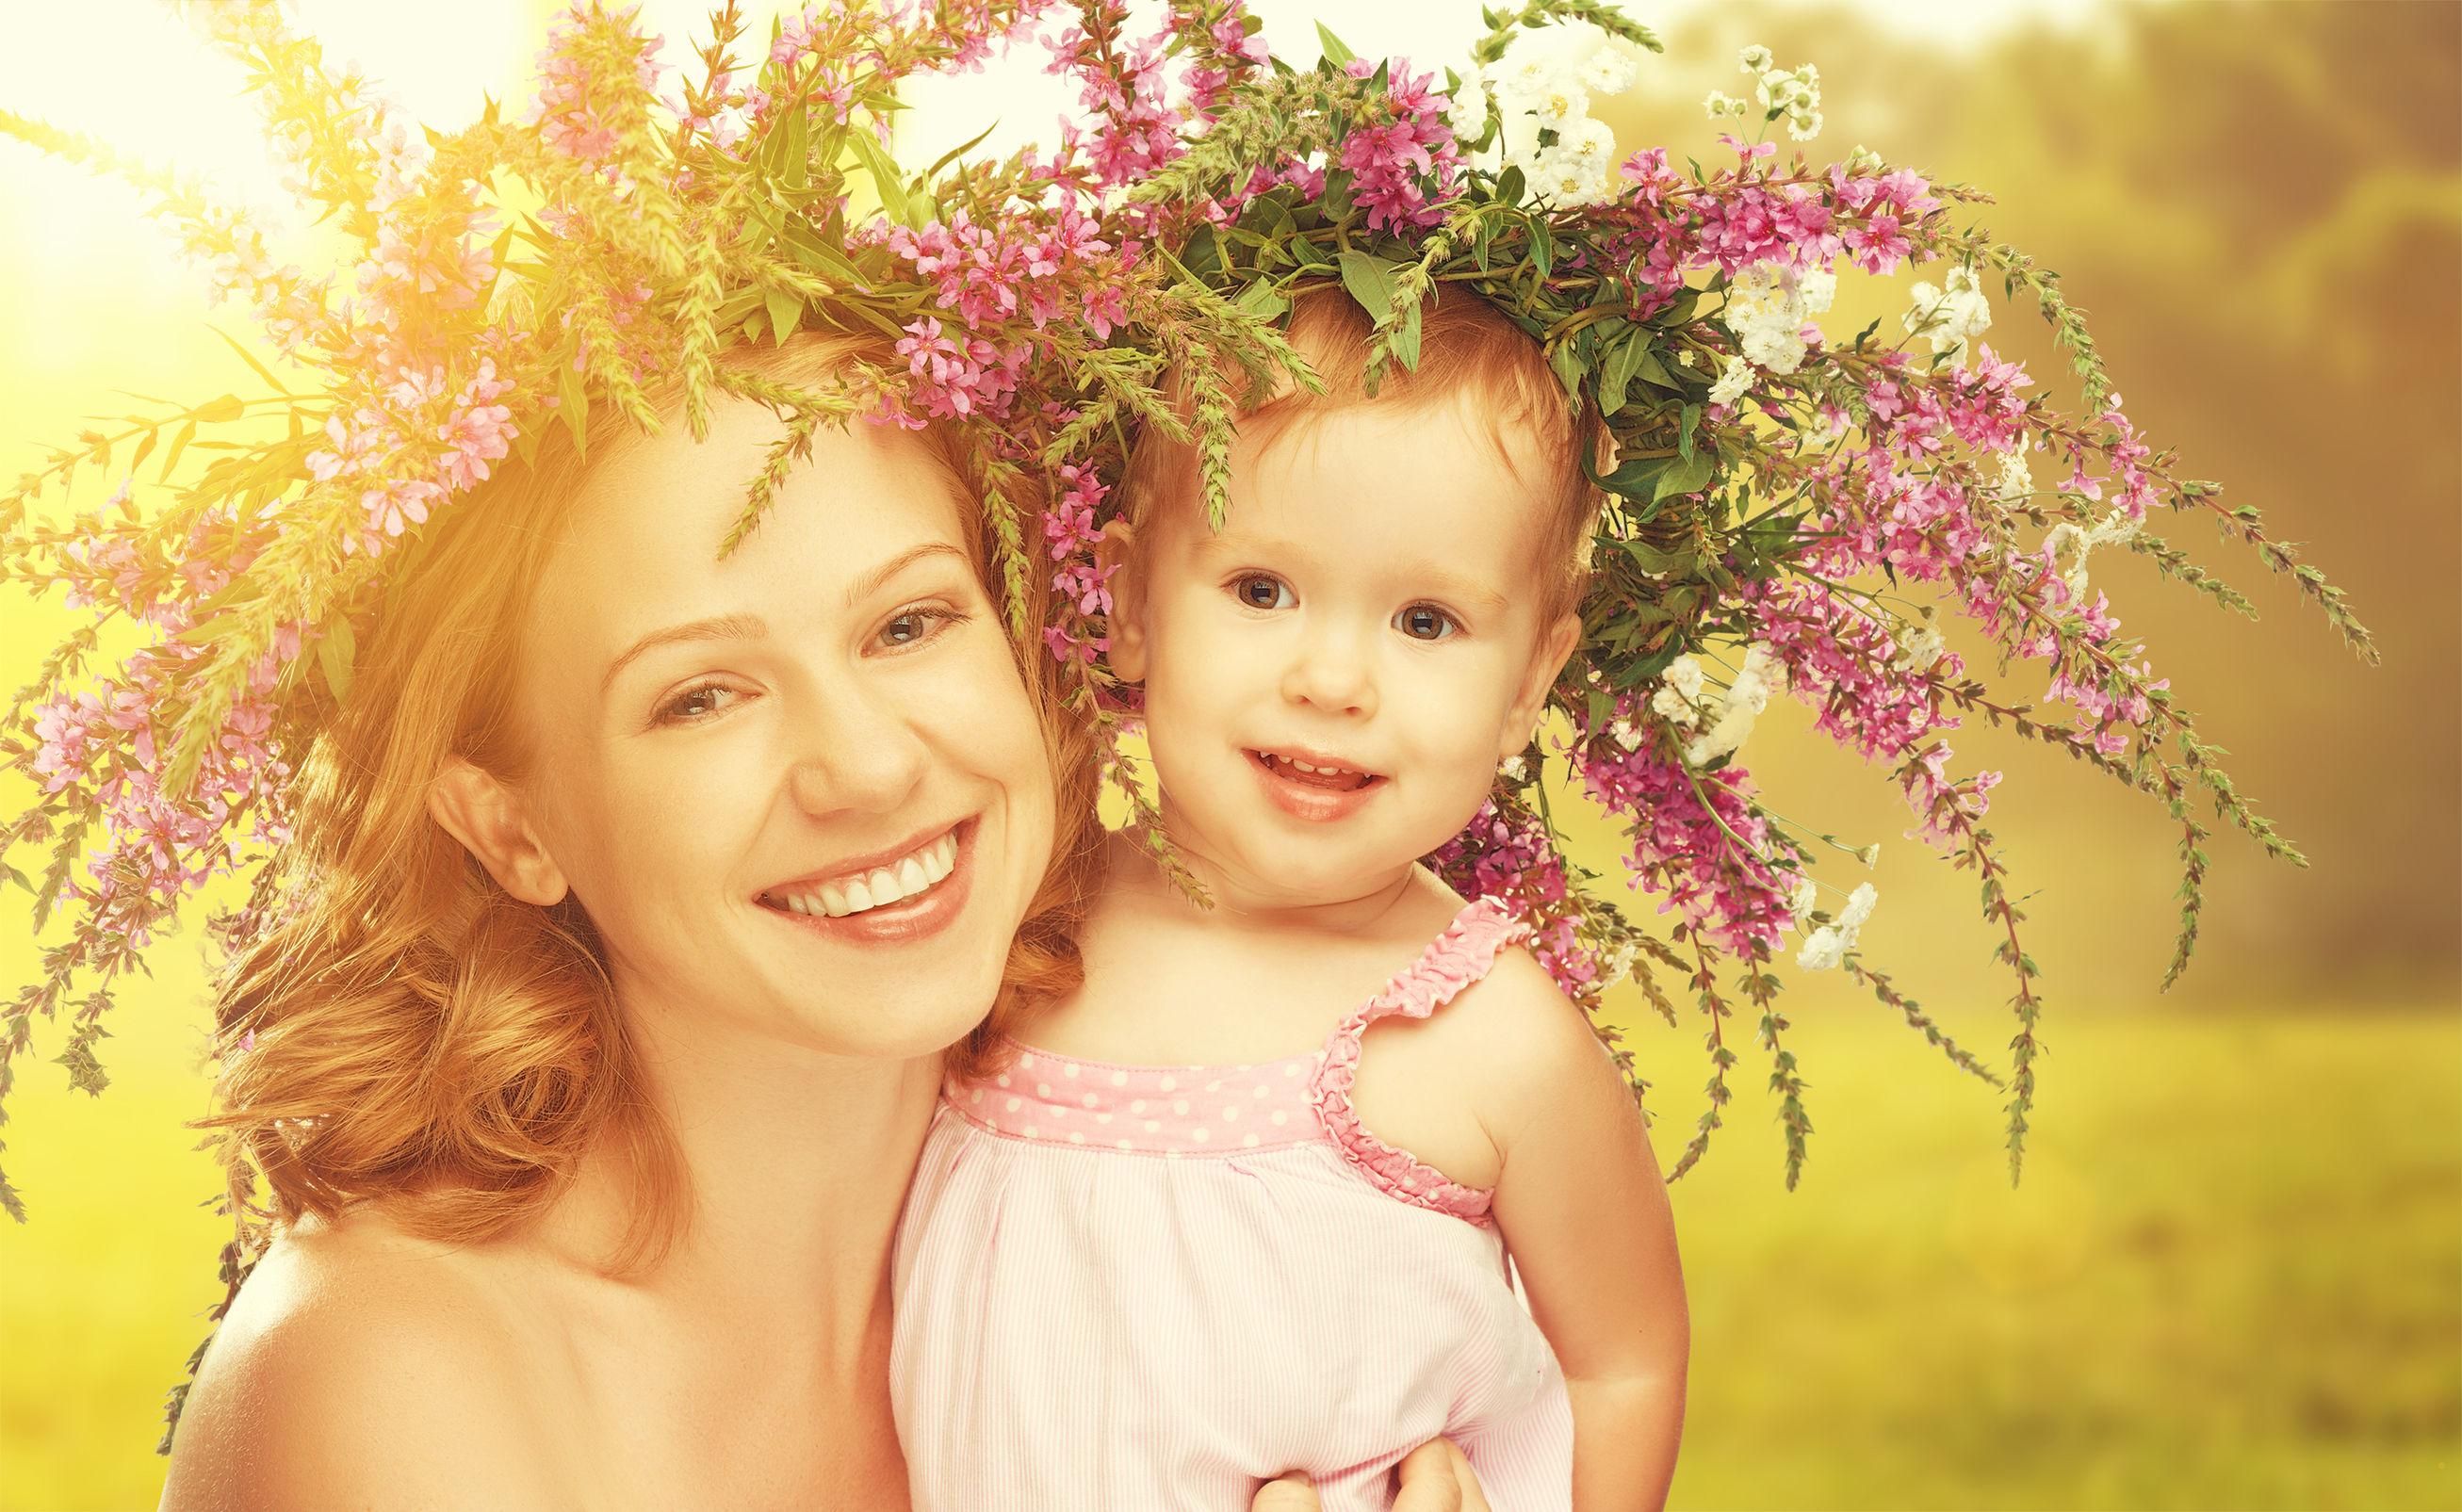 День матери нежные картинки, днем рождения